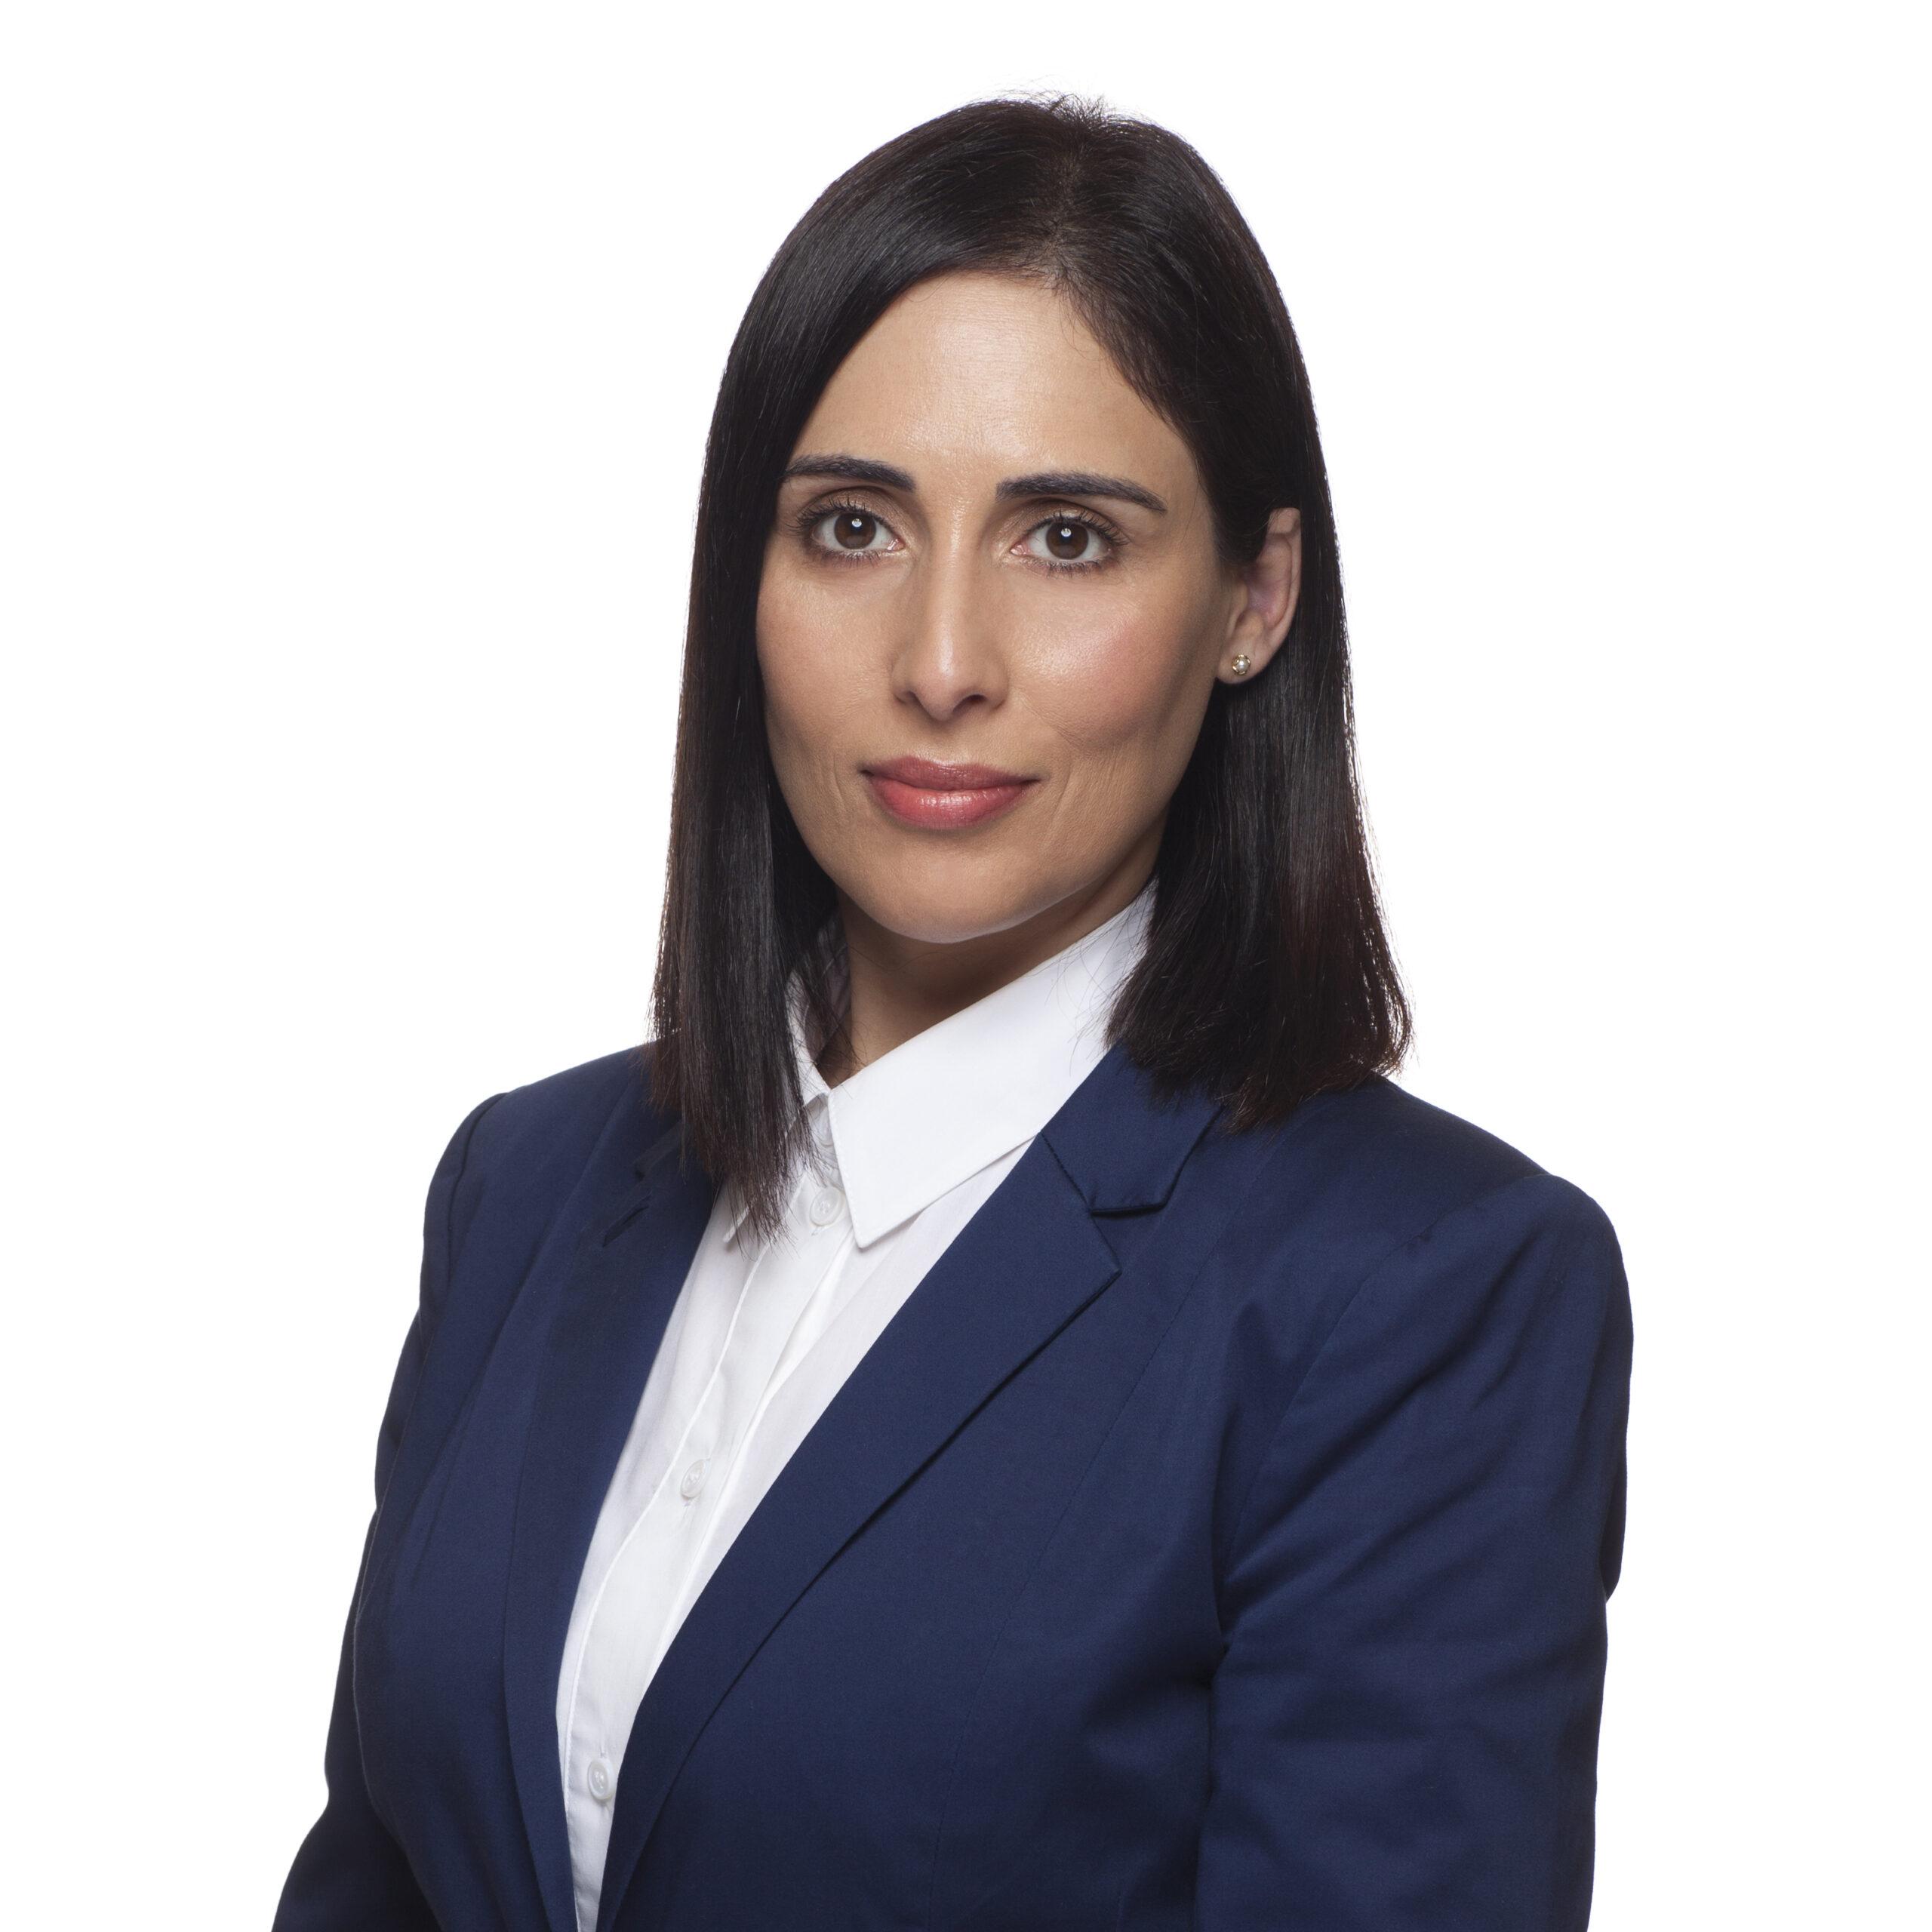 Anna Yitzhaki